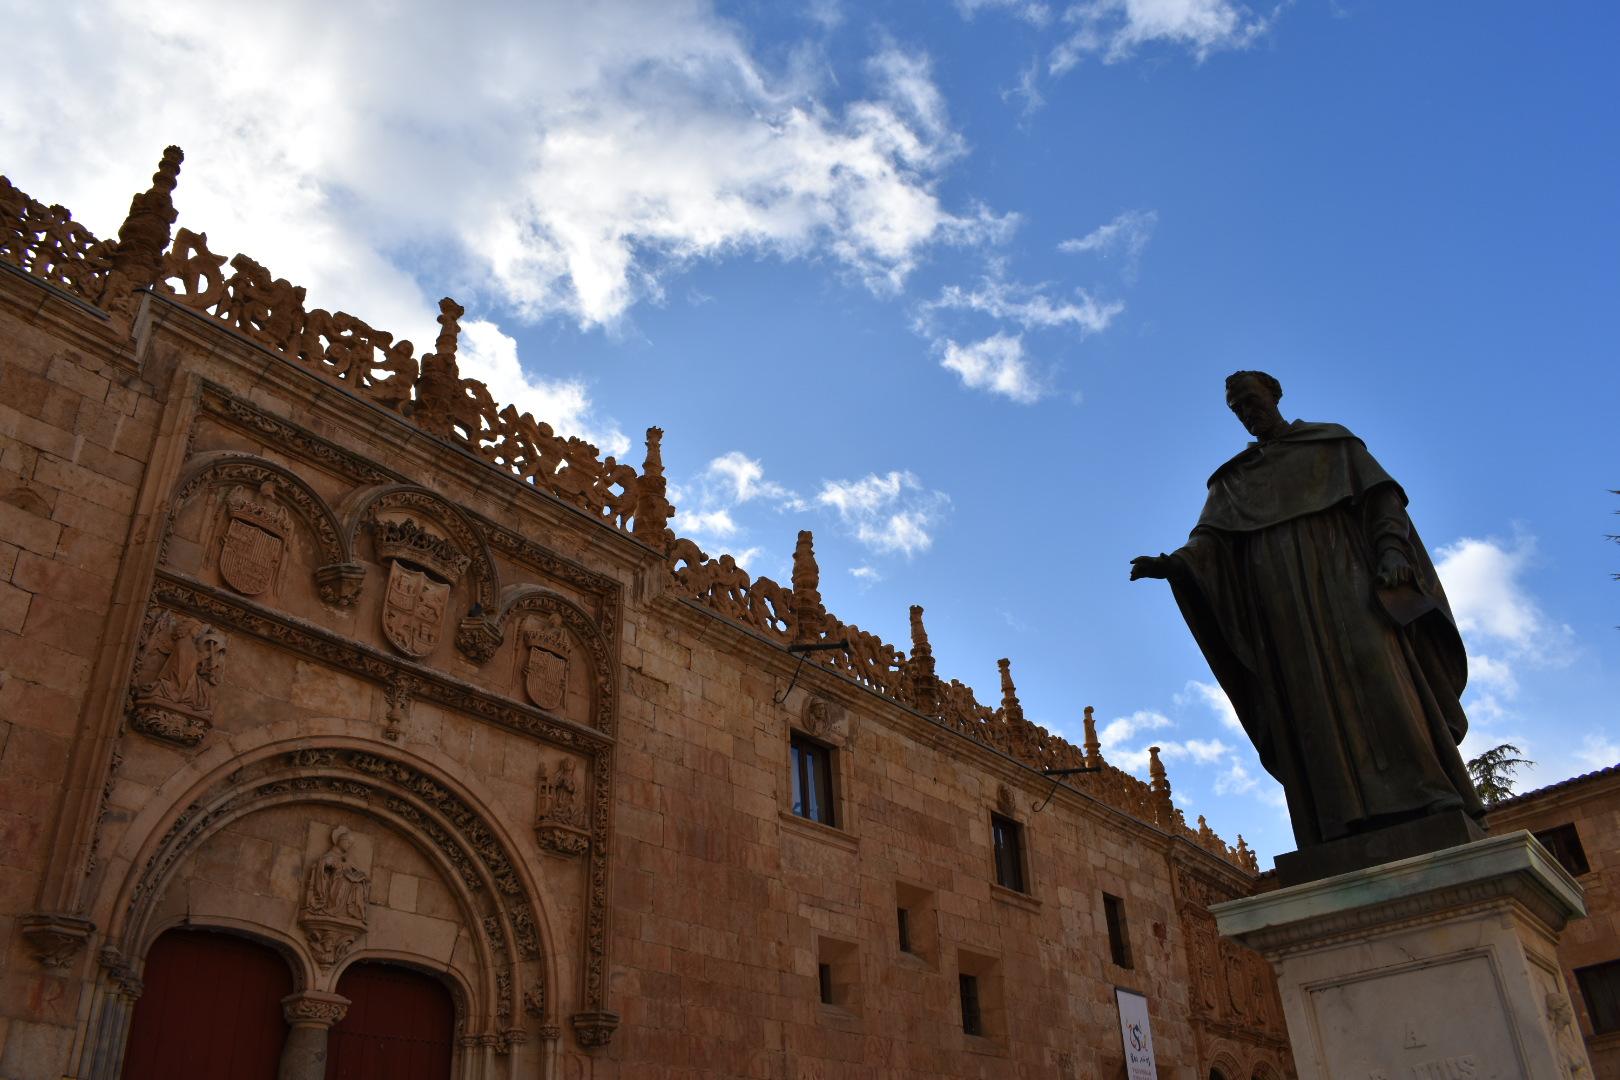 Salamanca celebra el XXX Aniversario de la designación de Ciudad Patrimonio con diversas actuaciones gratuitas